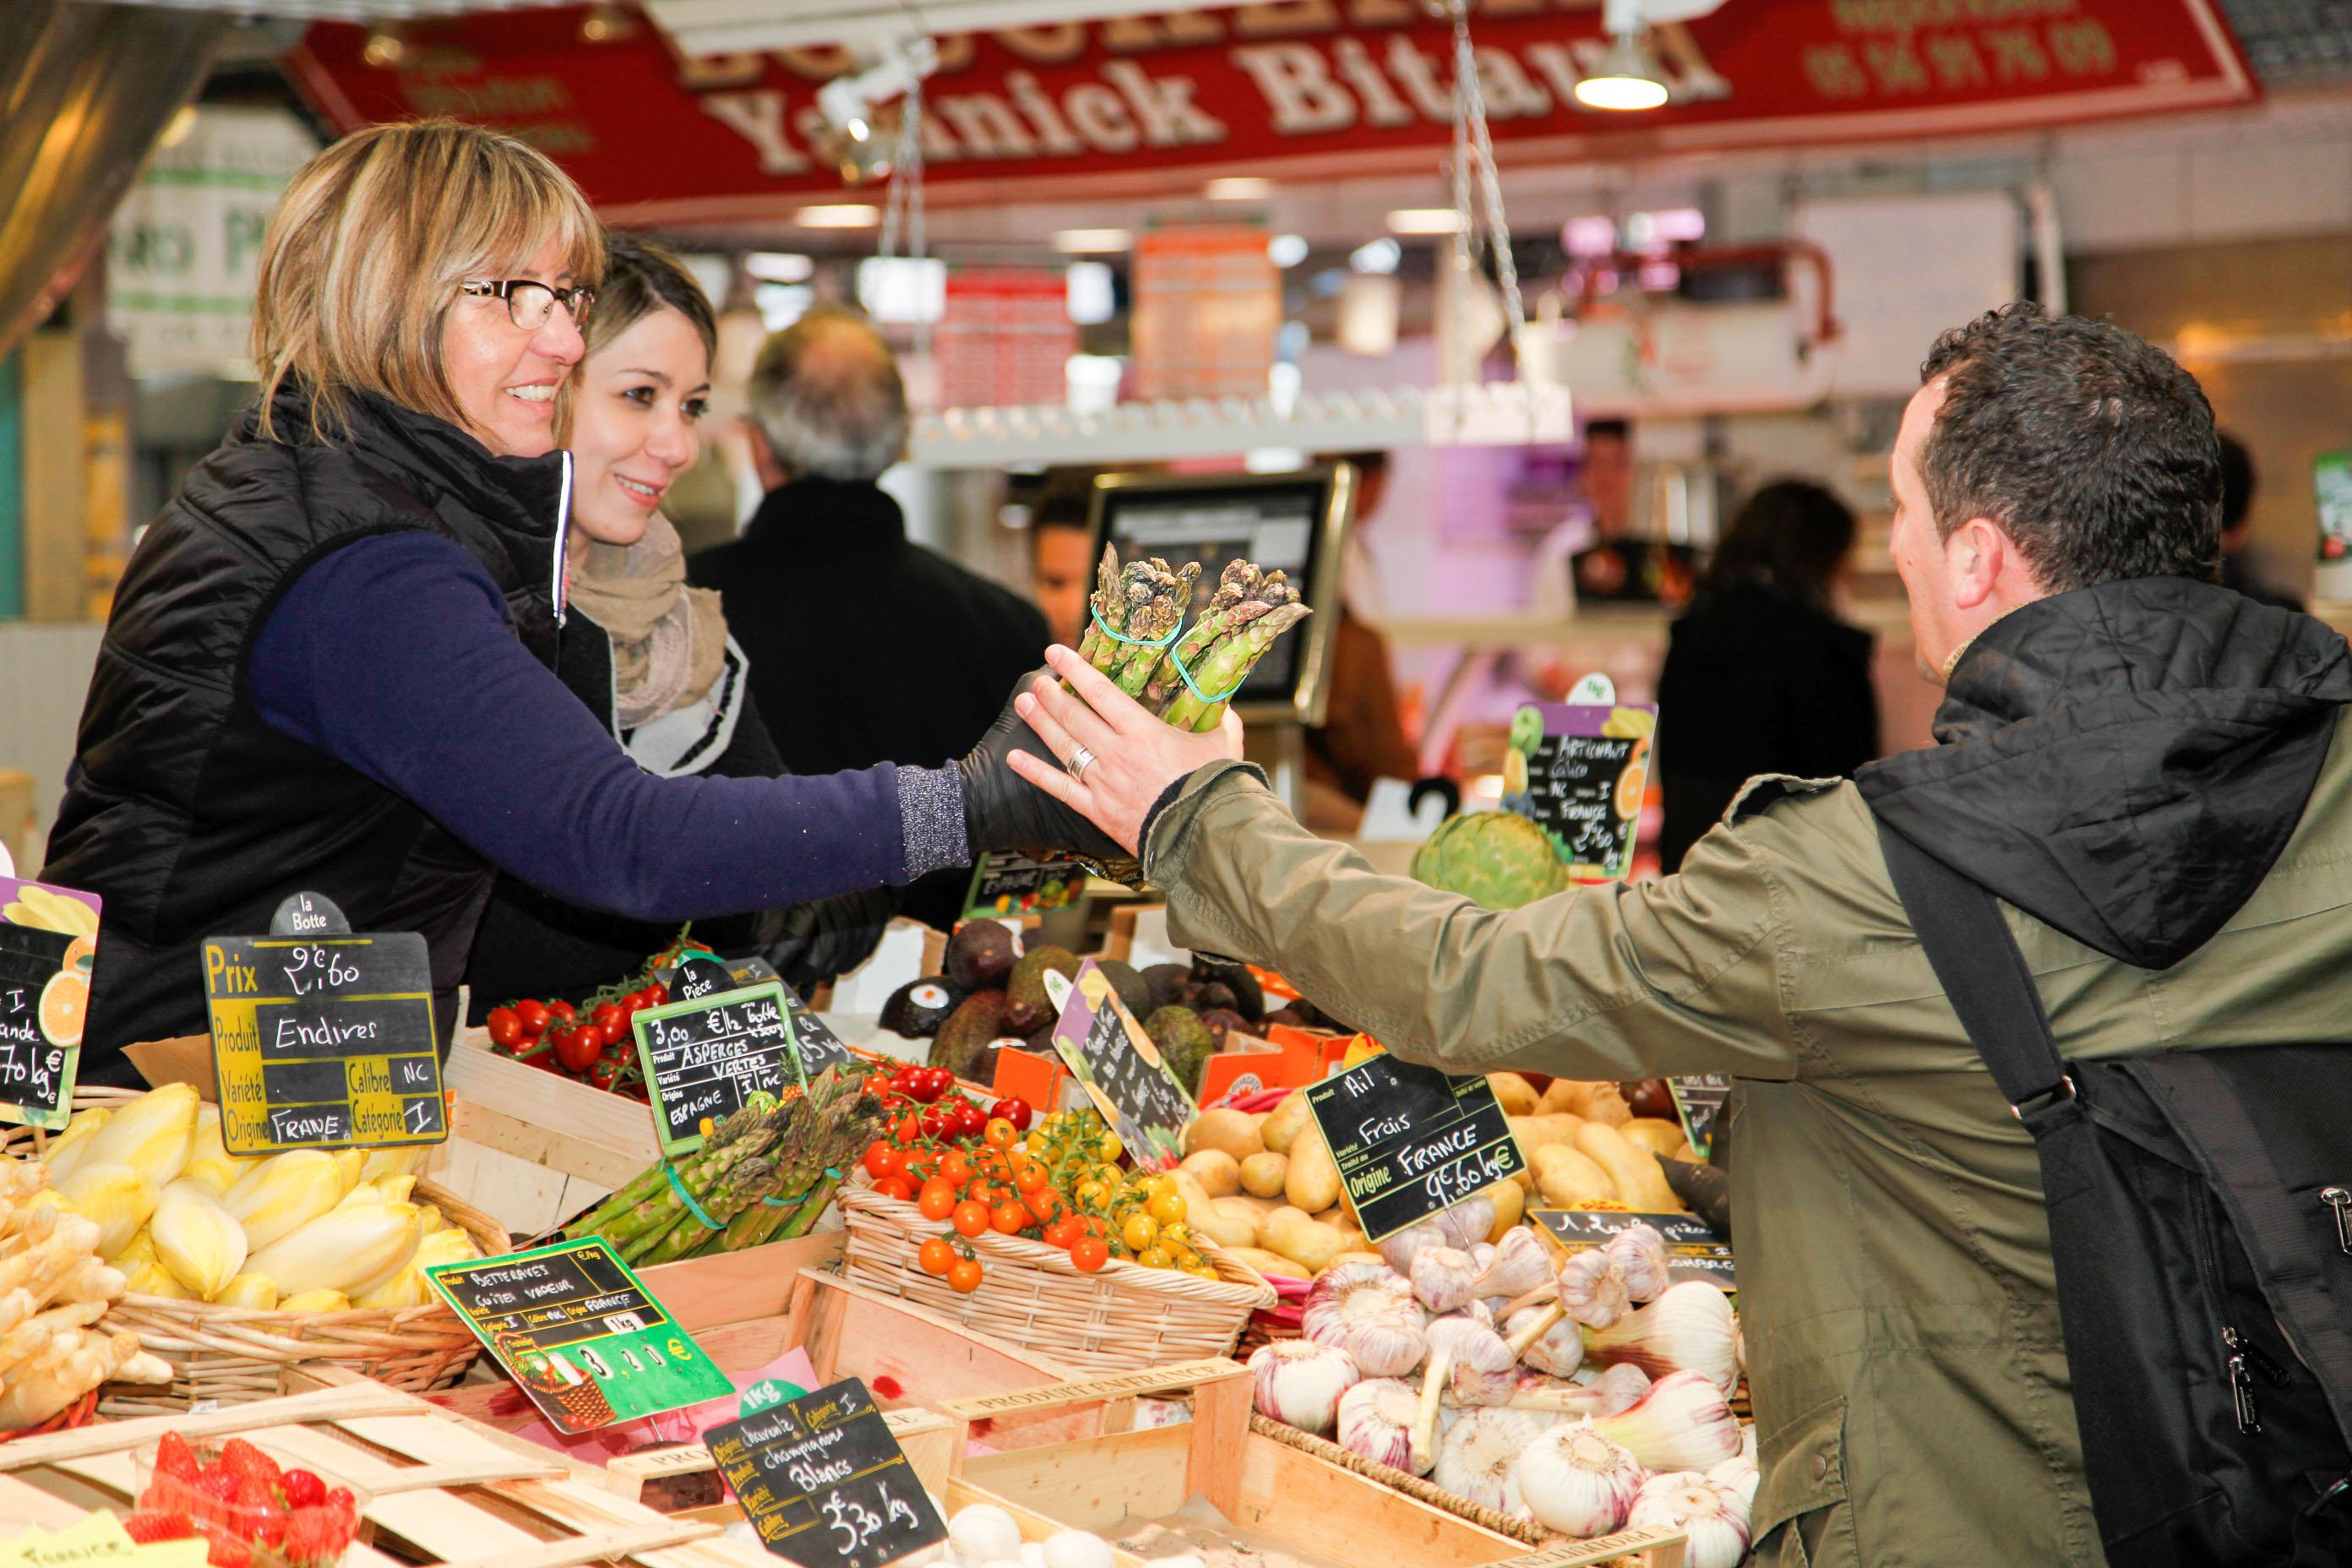 Früchte und Gemüse im Überfluss auf dem Marche du Capucin in Bordeaux. Eine Verkäuferin reicht einem Kunden einen Bund Spargel.